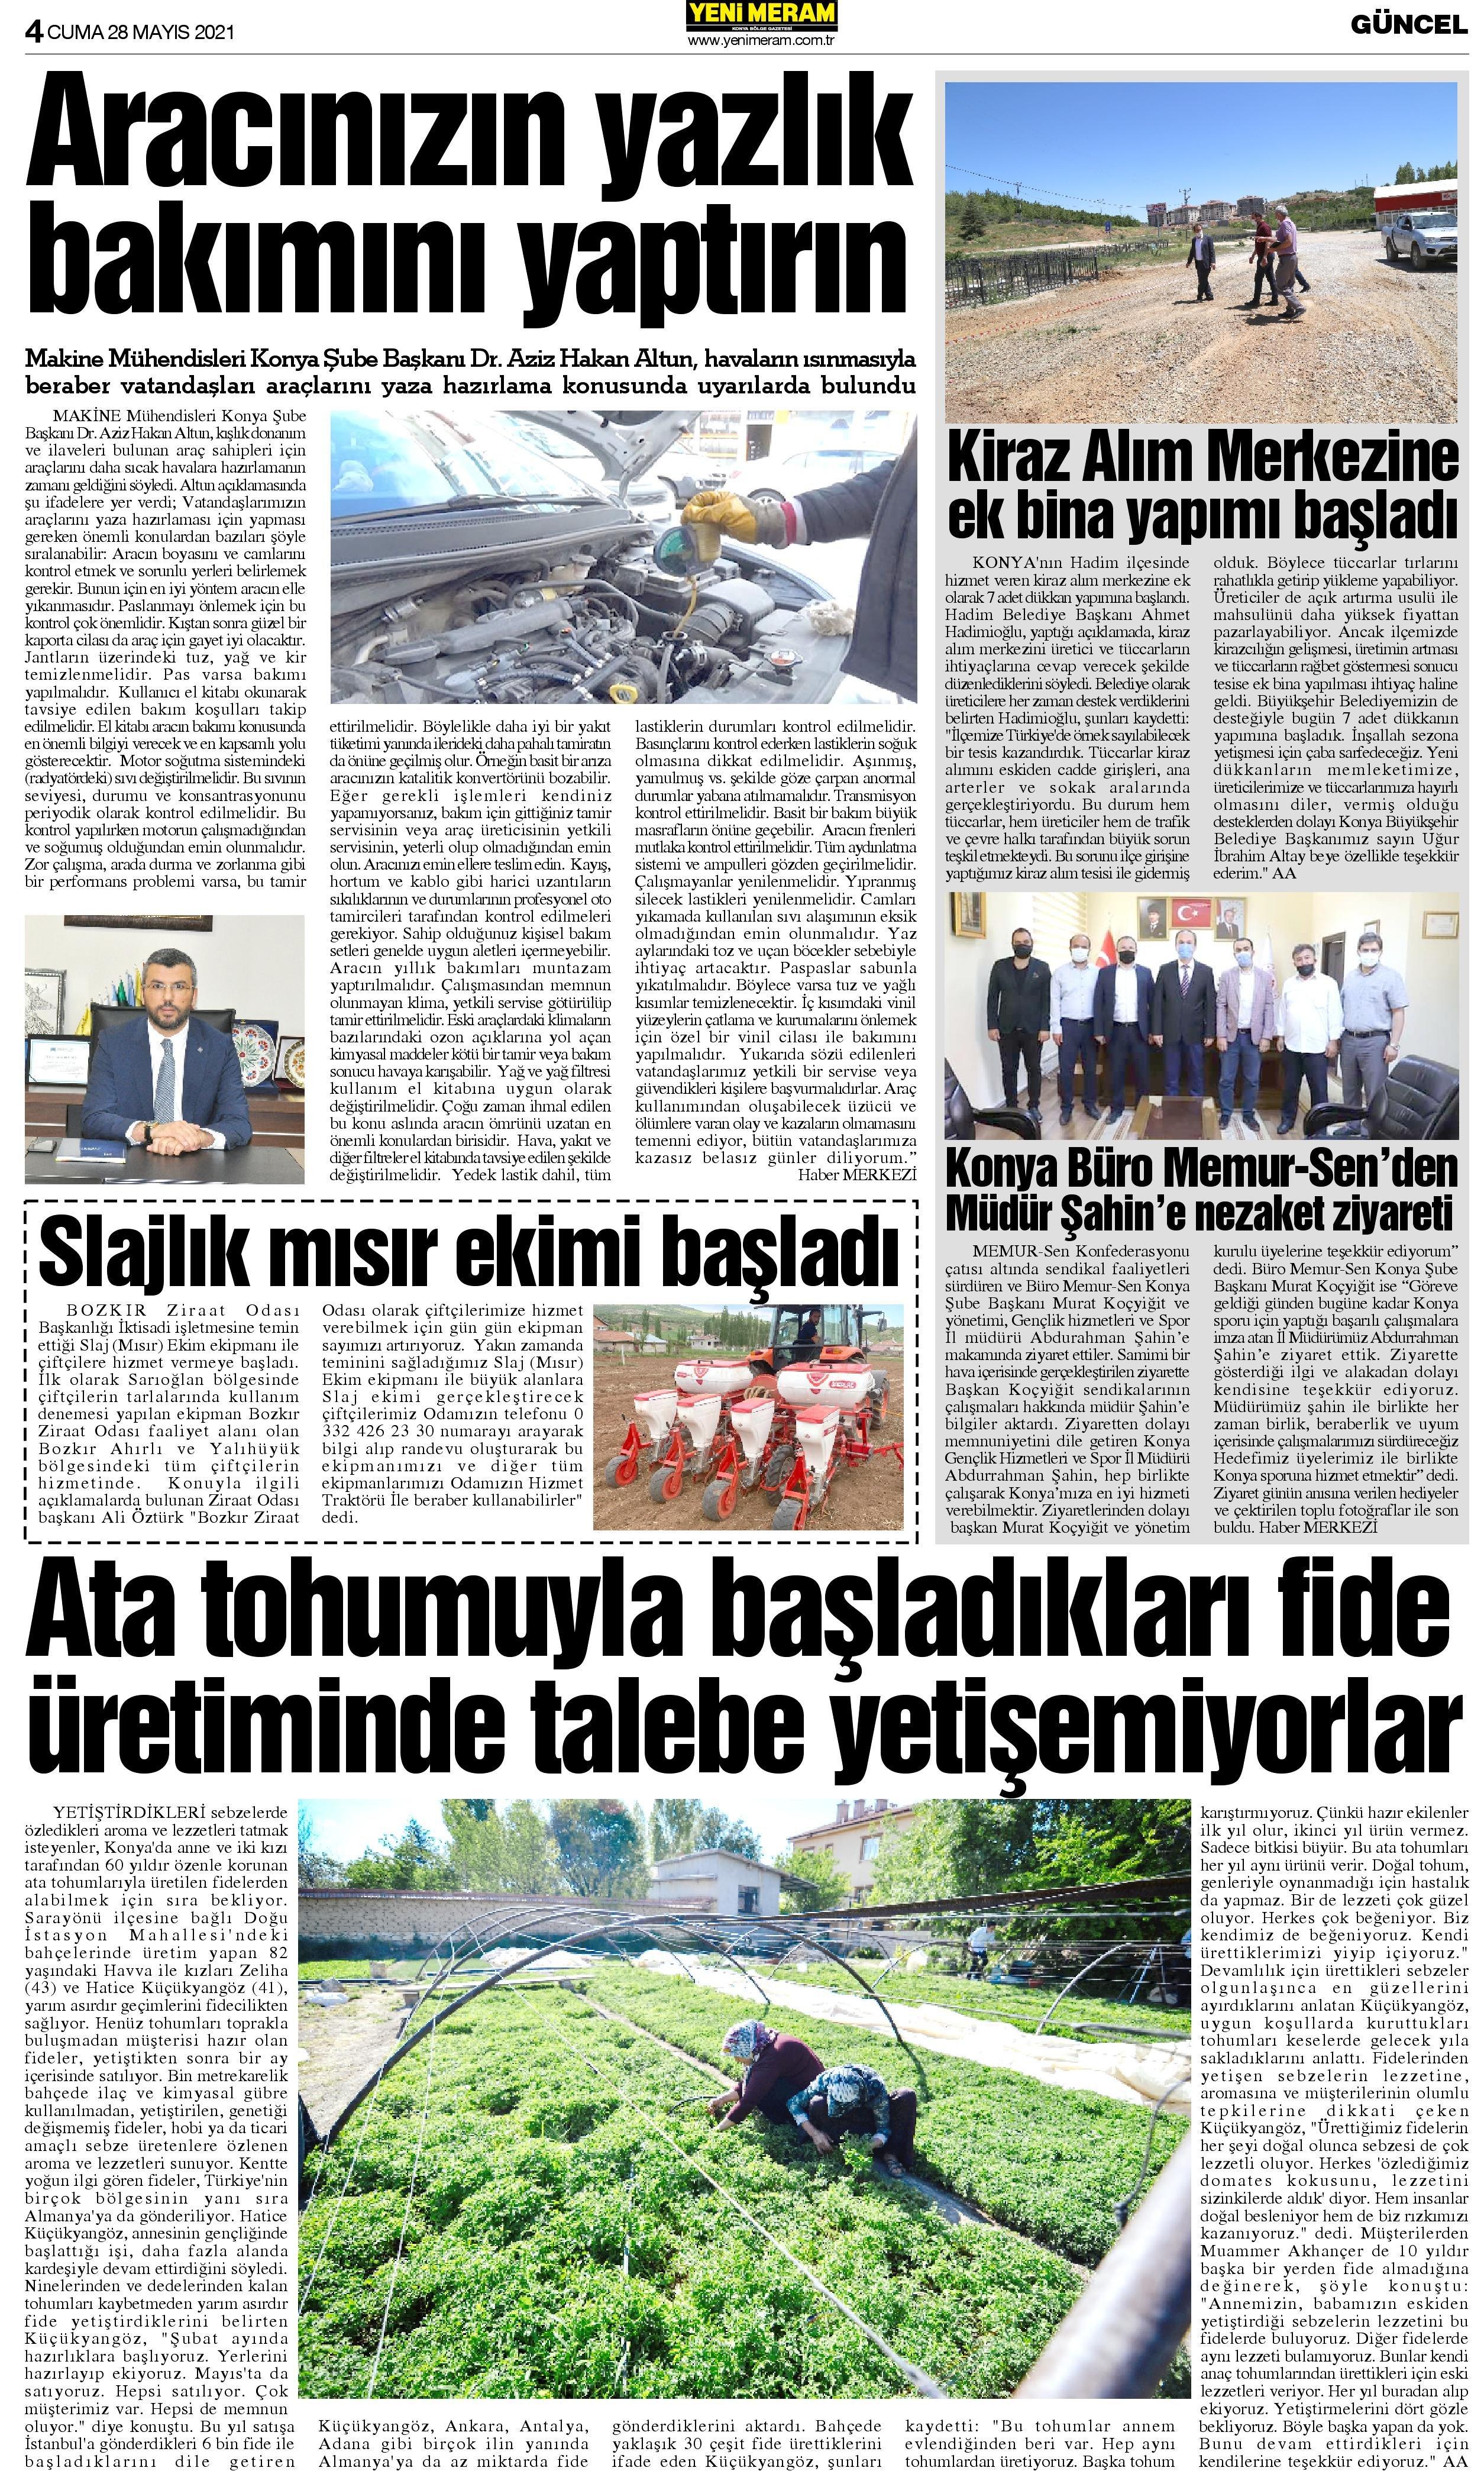 28 Mayıs 2021 Yeni Meram Gazetesi